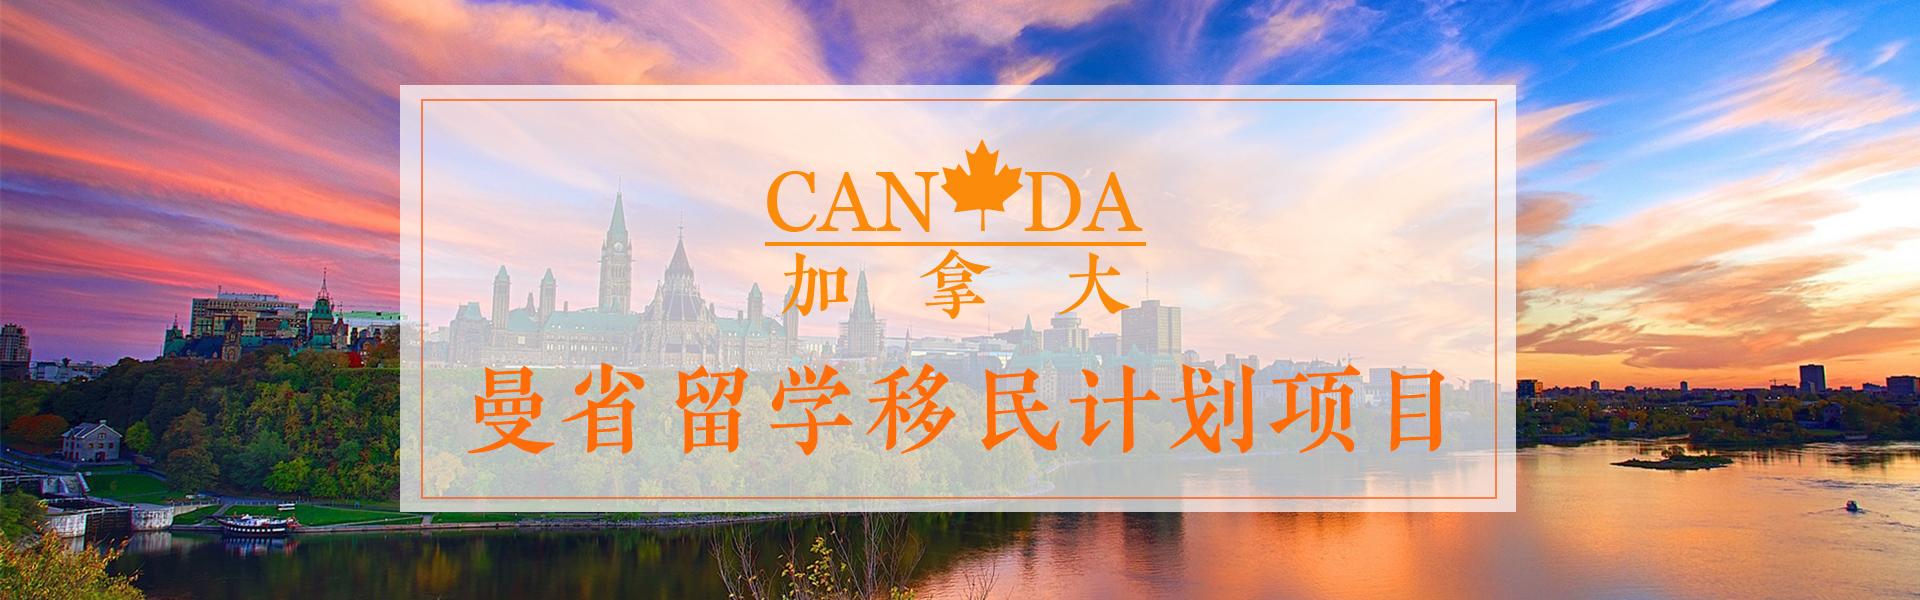 加拿大留学移民